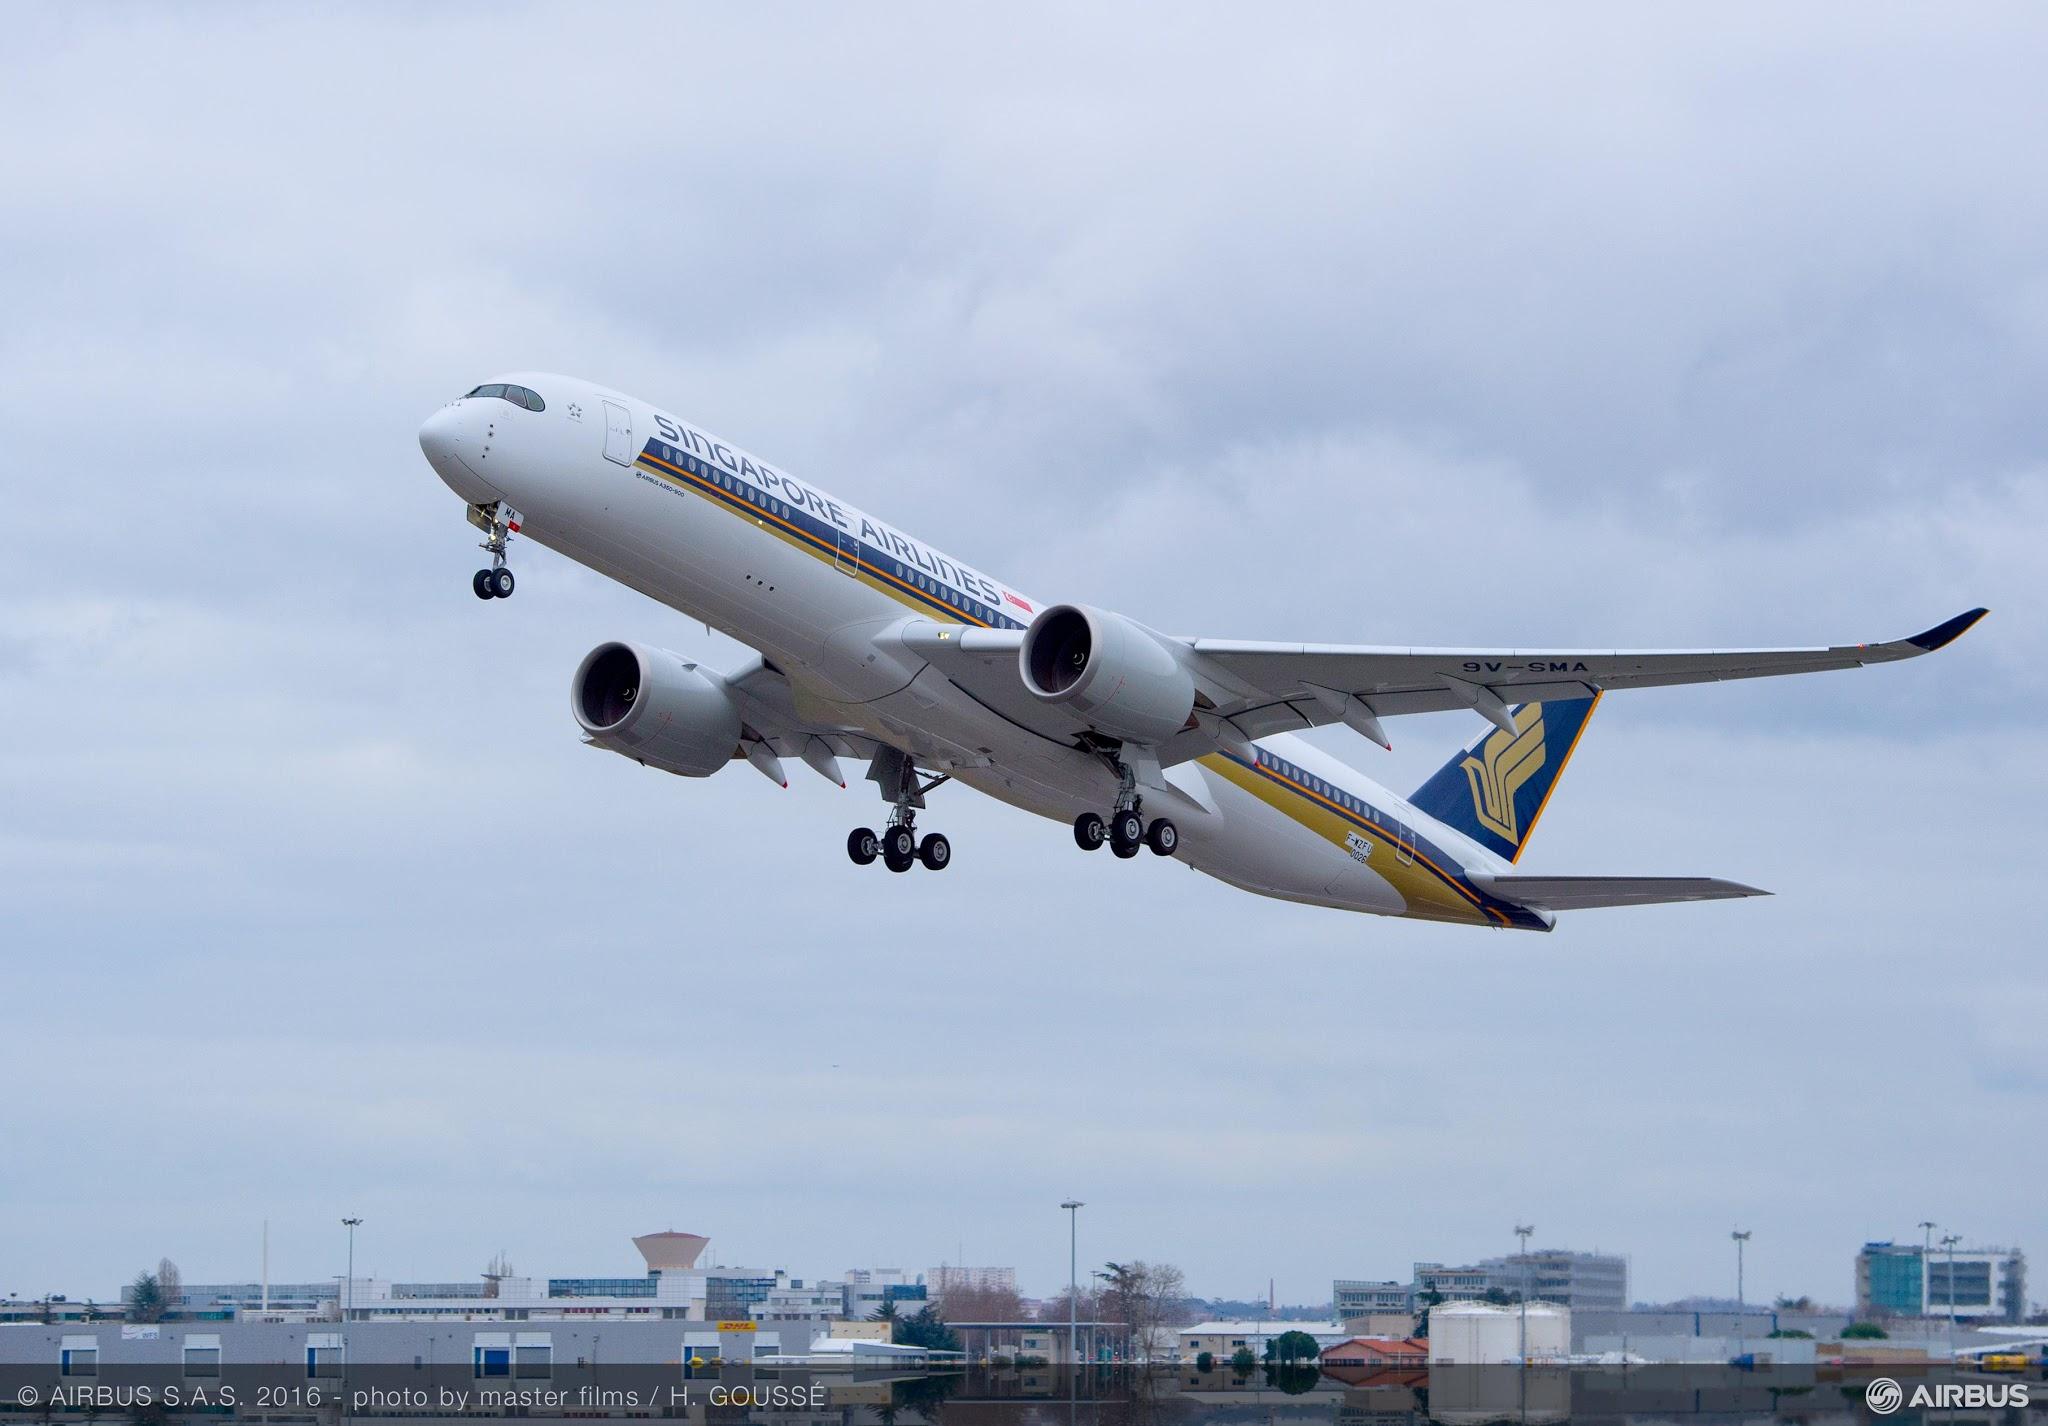 É MAIS QUE VOAR | Primeiro A350 XWB da Singapore Airlines voou pela primeira vez